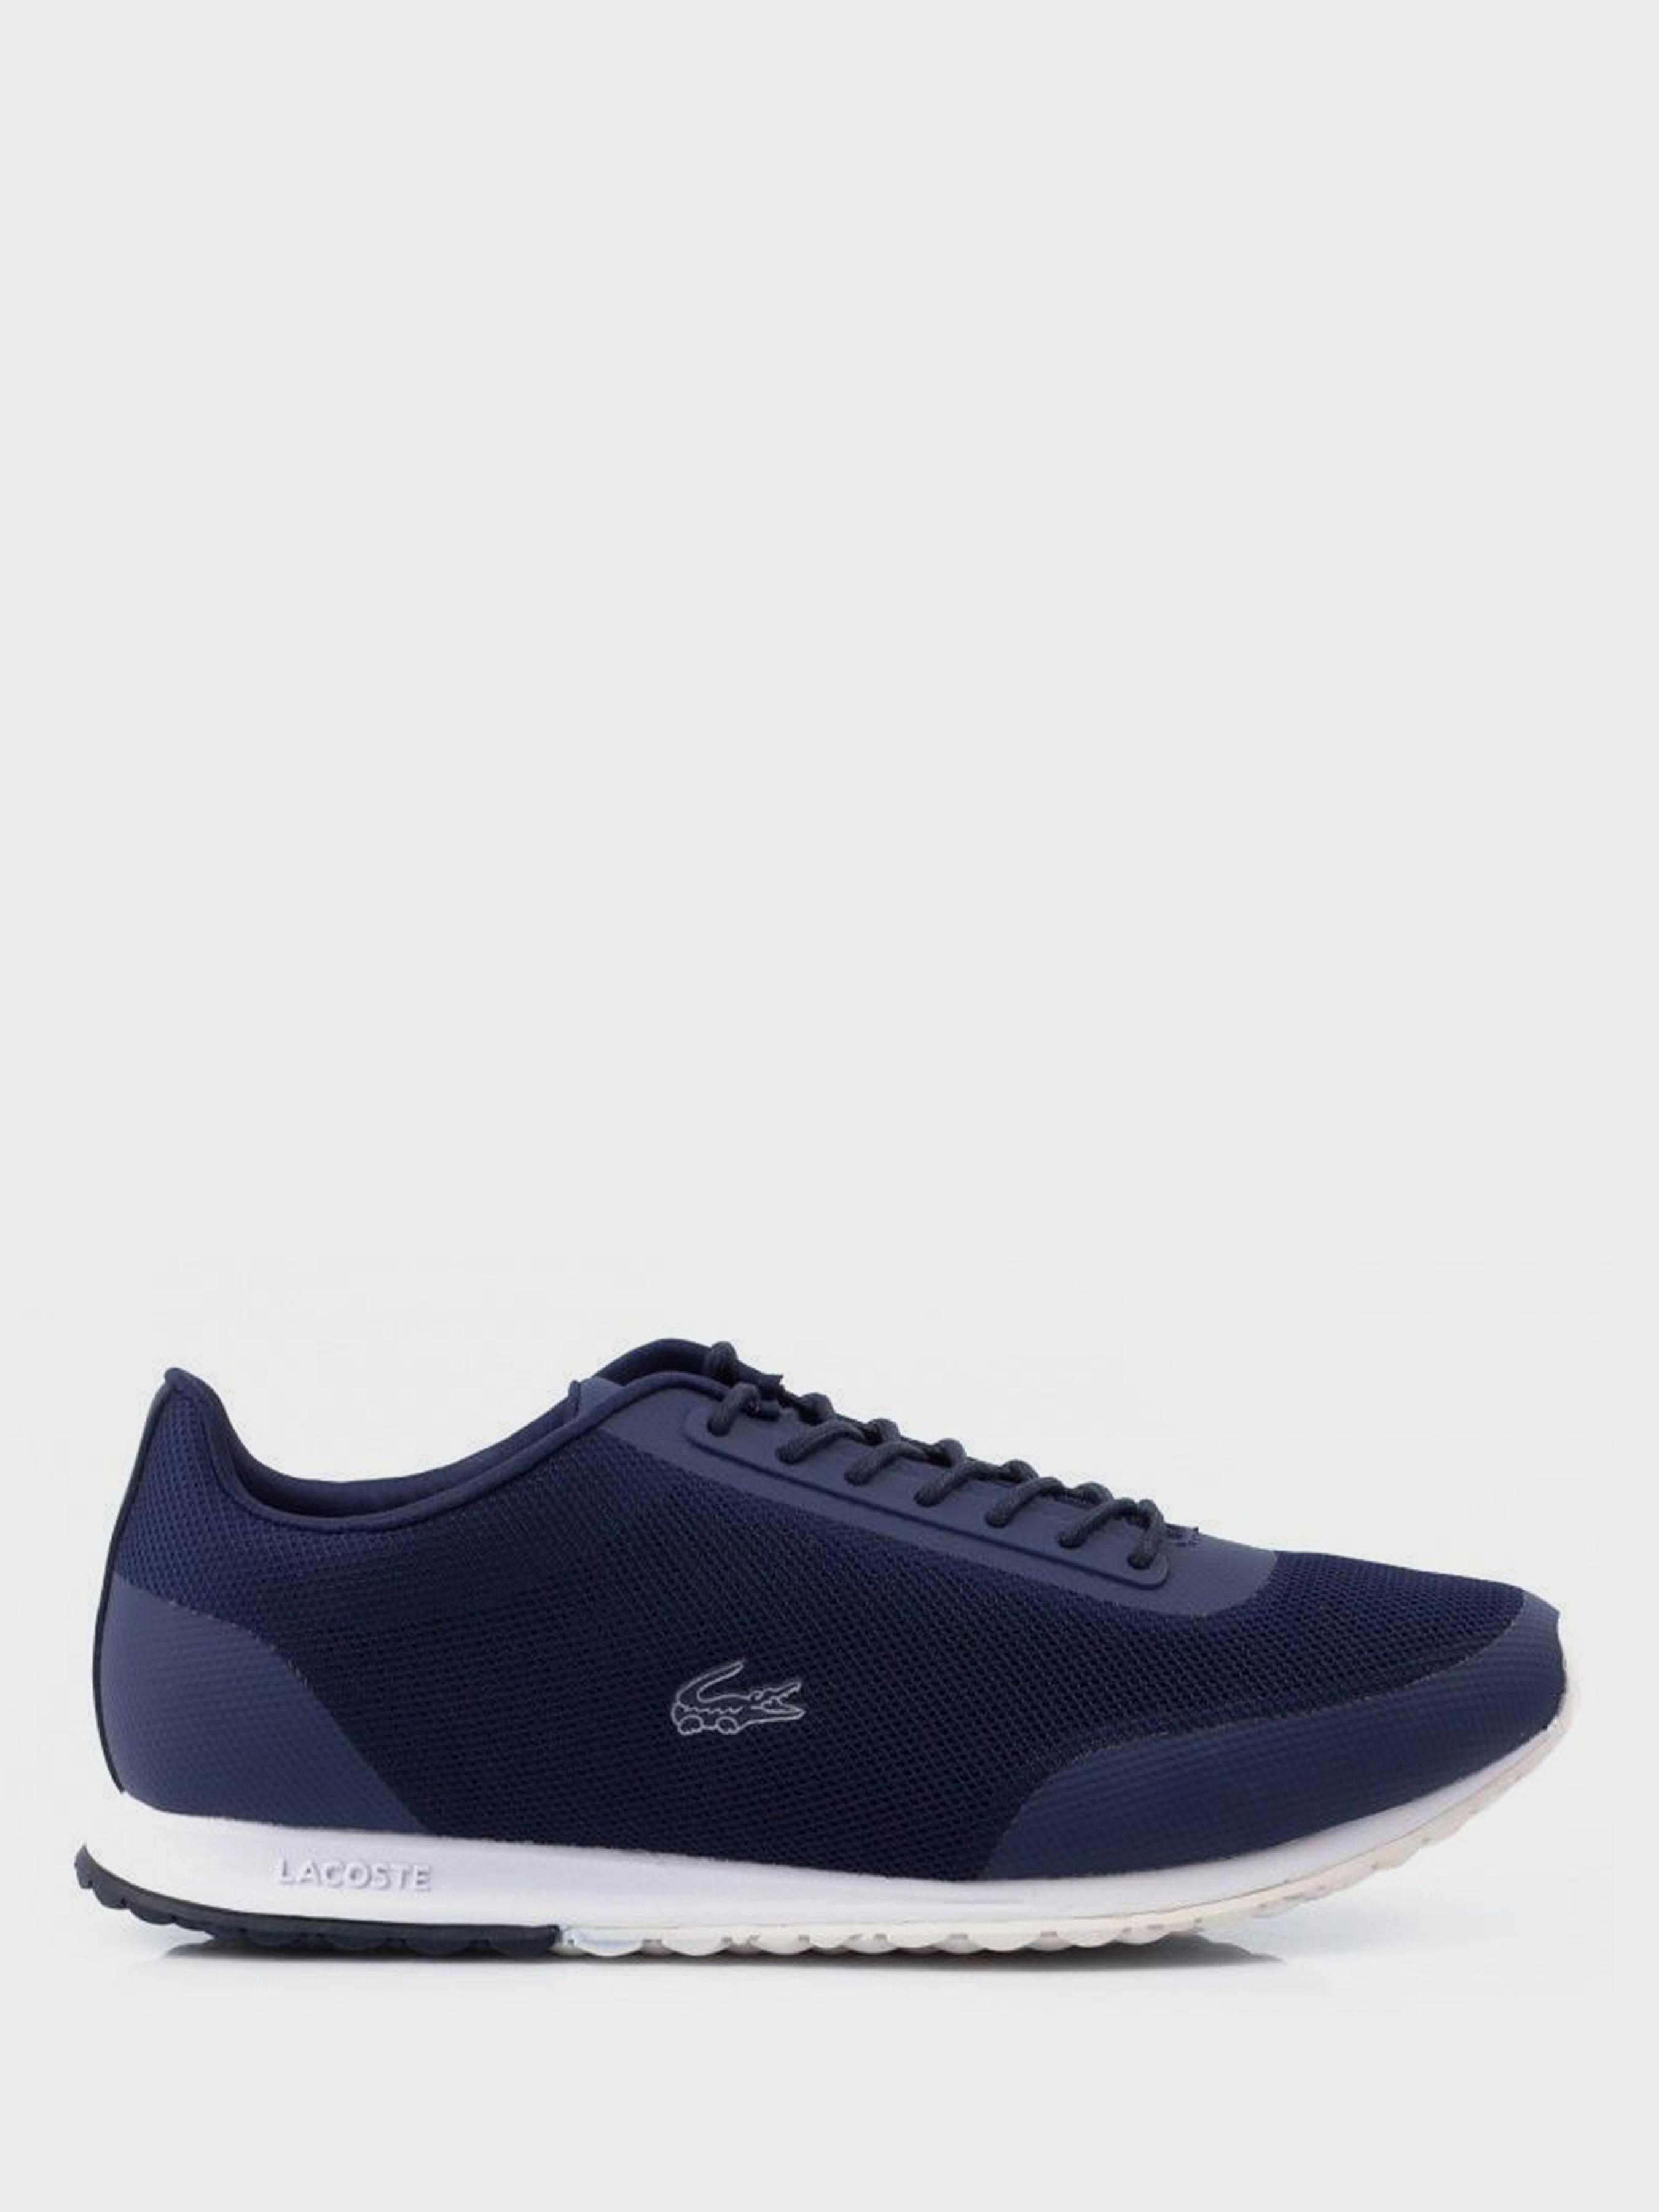 884612077e05 Каталог бренда Lacoste  купить обувь в Киеве, Украине   интернет ...